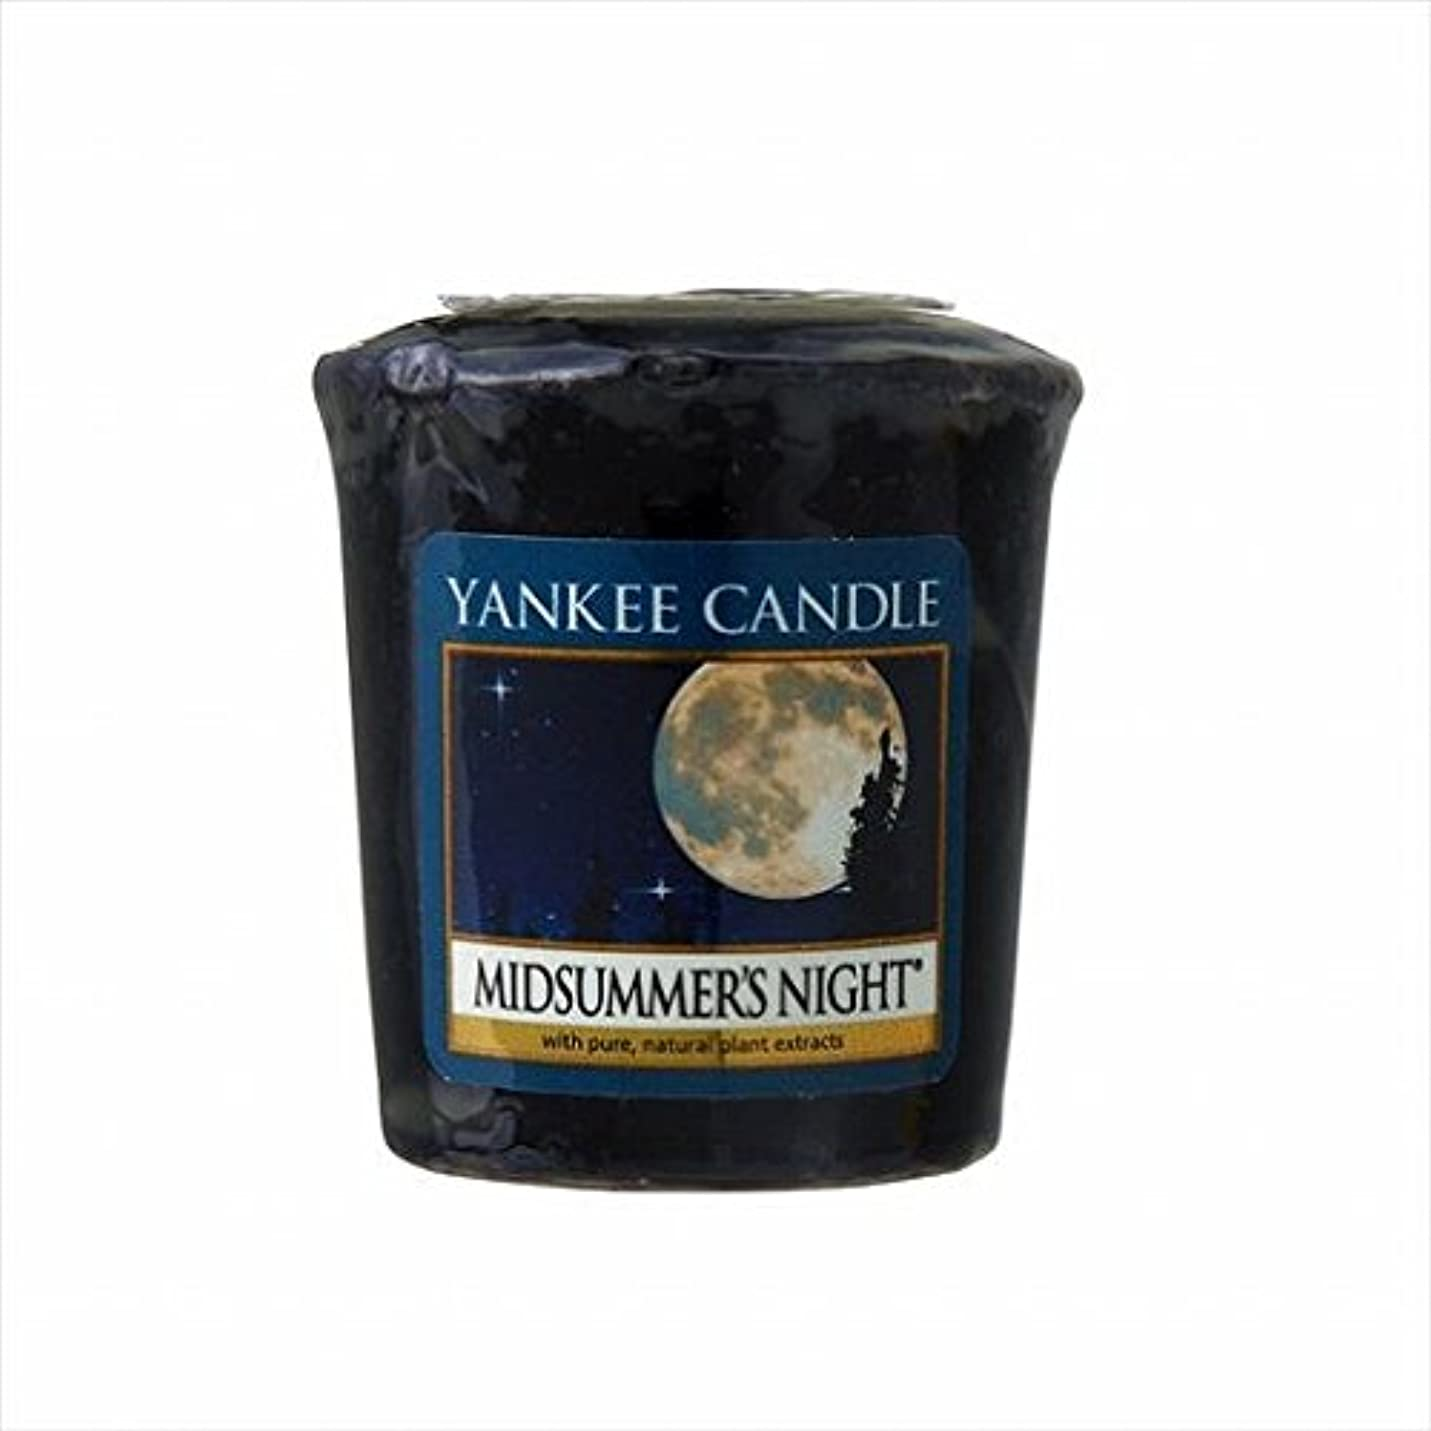 ずるい人前者カメヤマキャンドル(kameyama candle) YANKEE CANDLE サンプラー 「 ミッドサマーズナイト 」